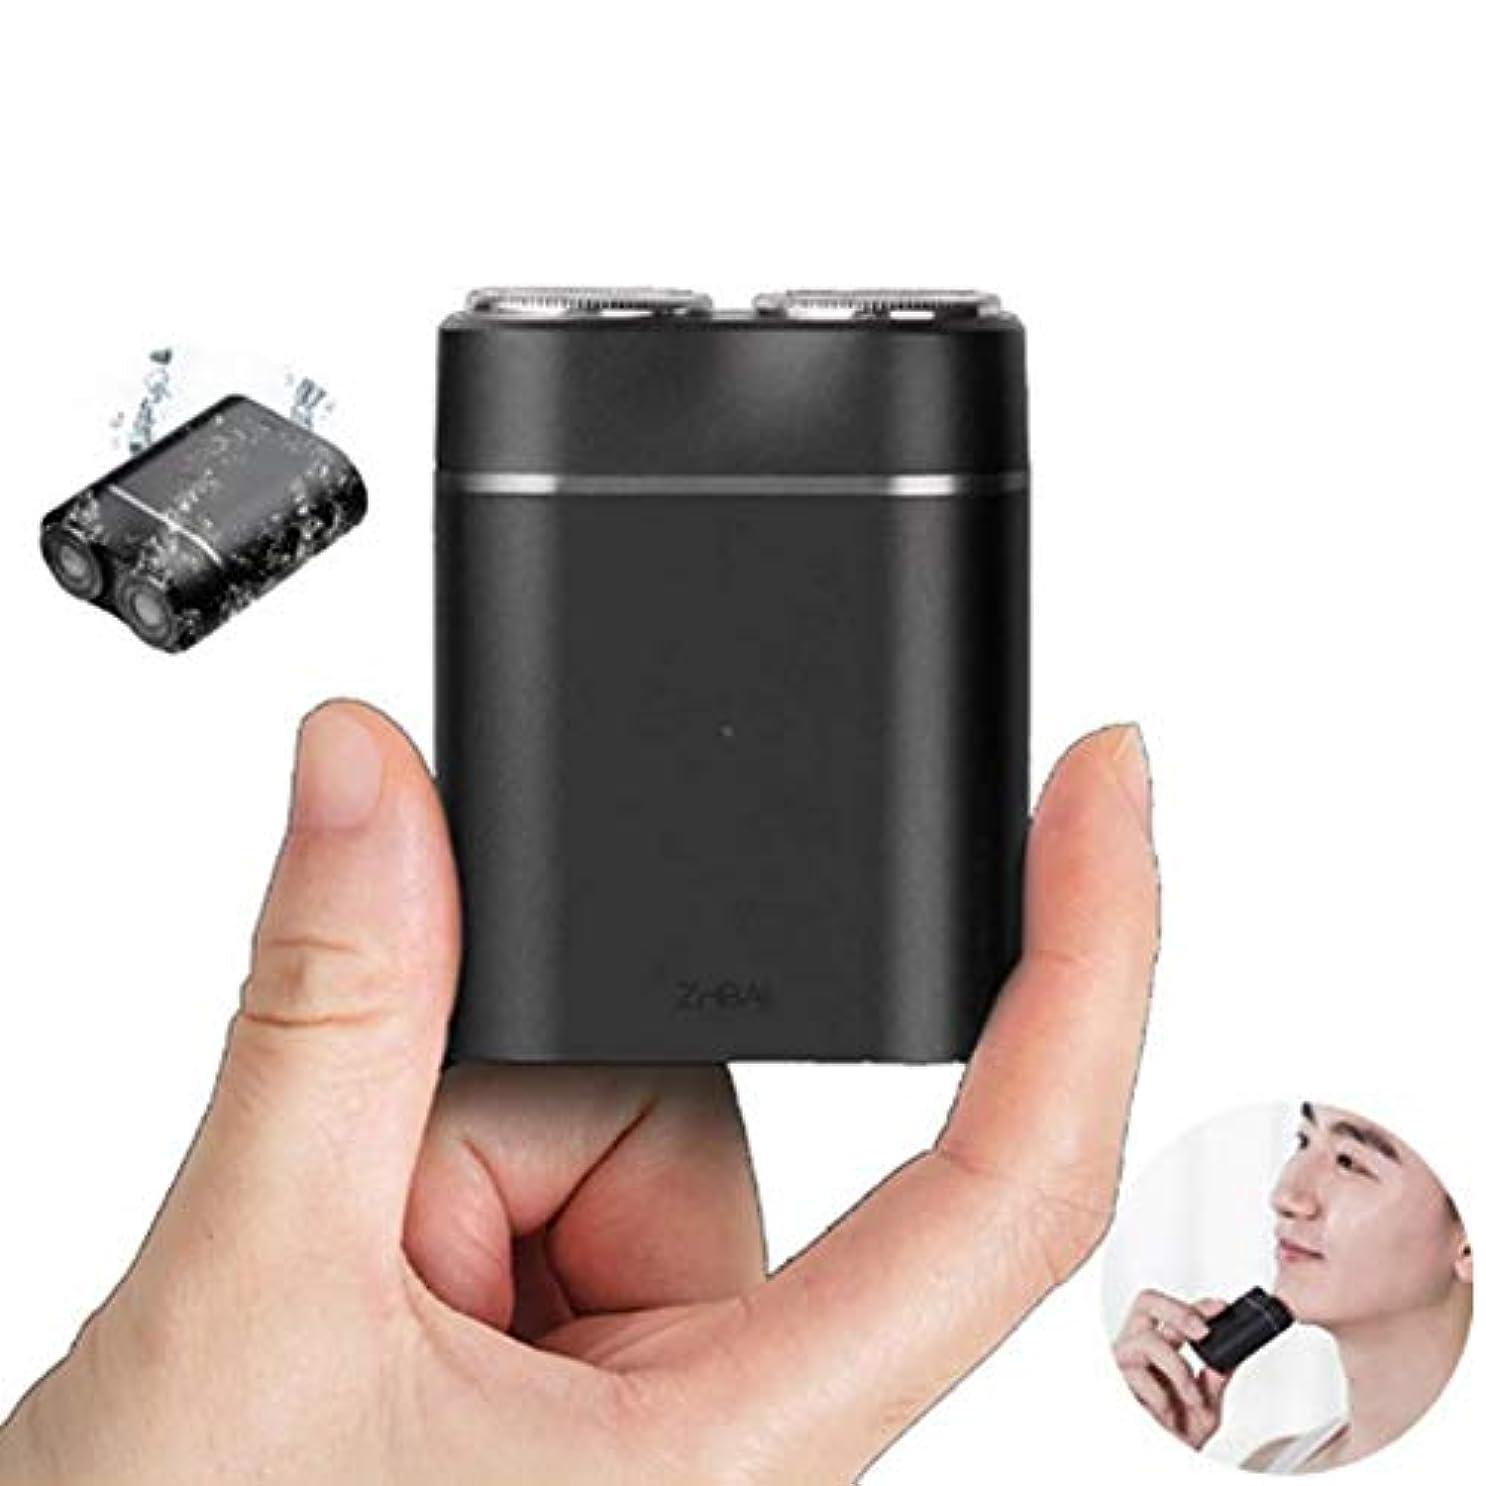 ビデオカウントアップまばたきミニメン電気シェーバー、USBポータブルコードレスドライウェットトラベルカミソリ、ブラック